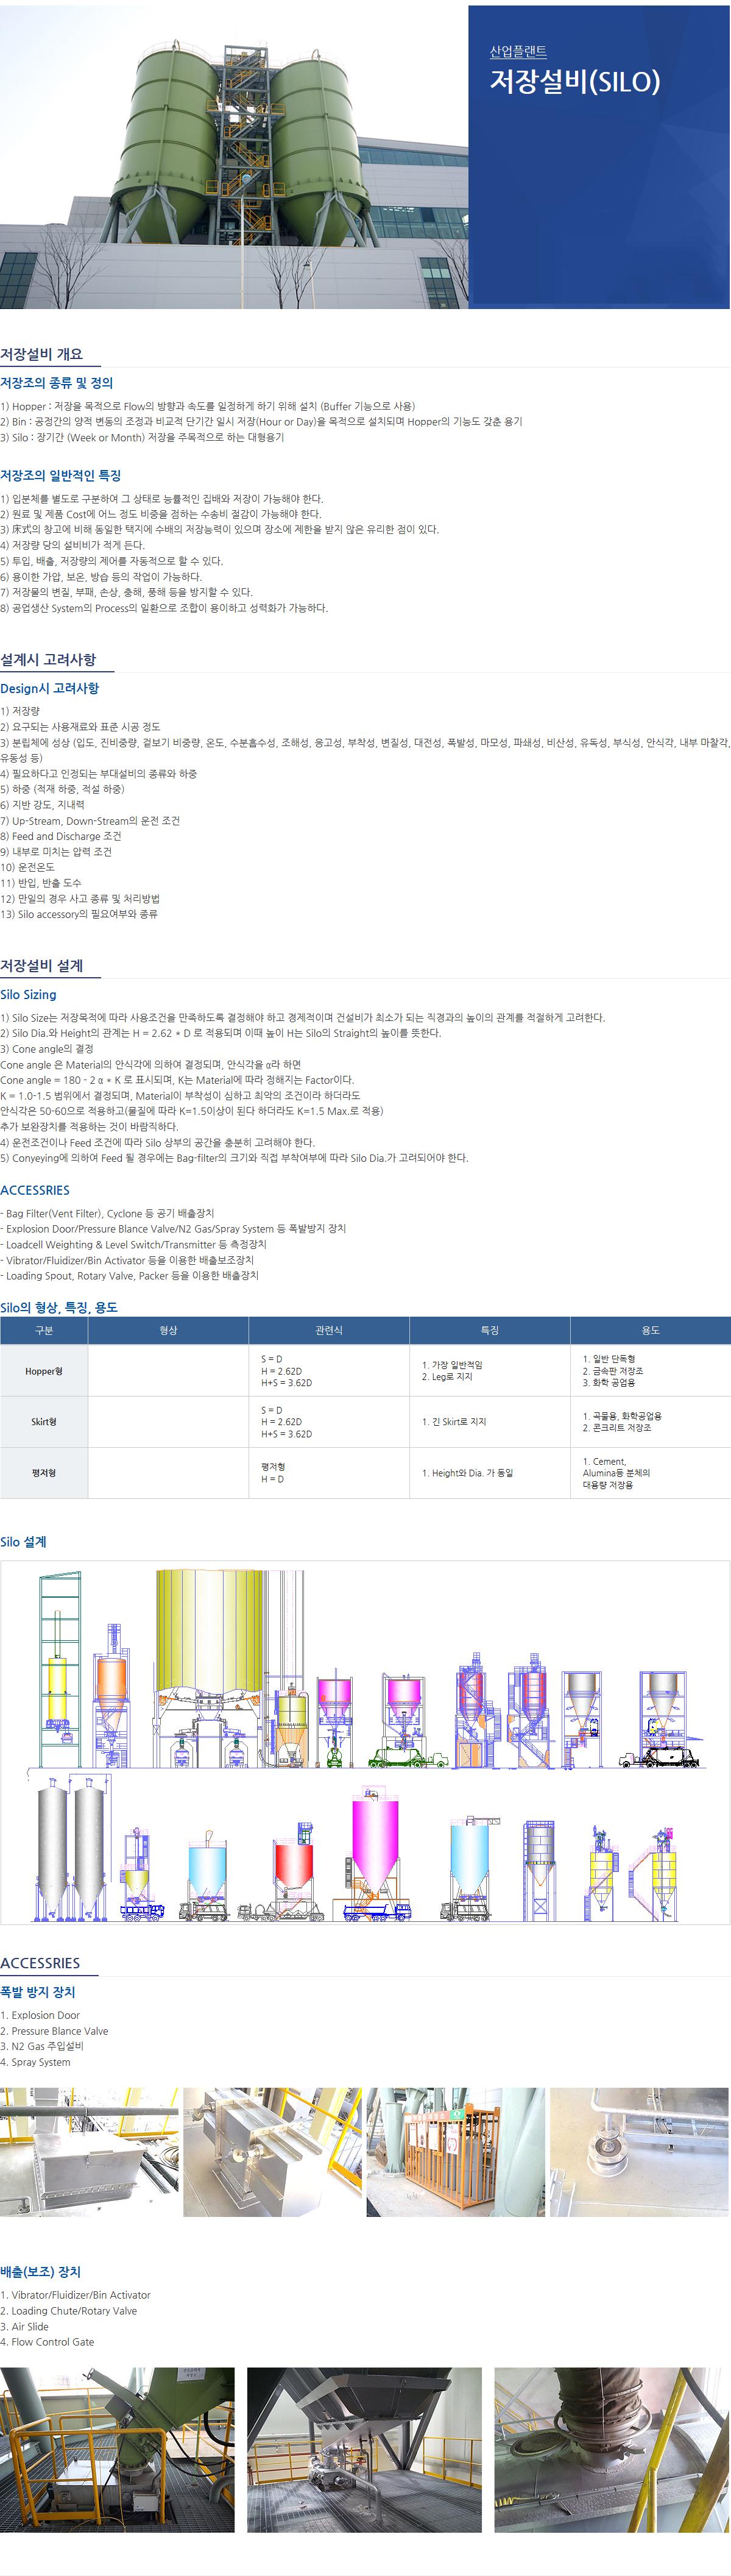 (주)신성플랜트 저장설비 (SILO)